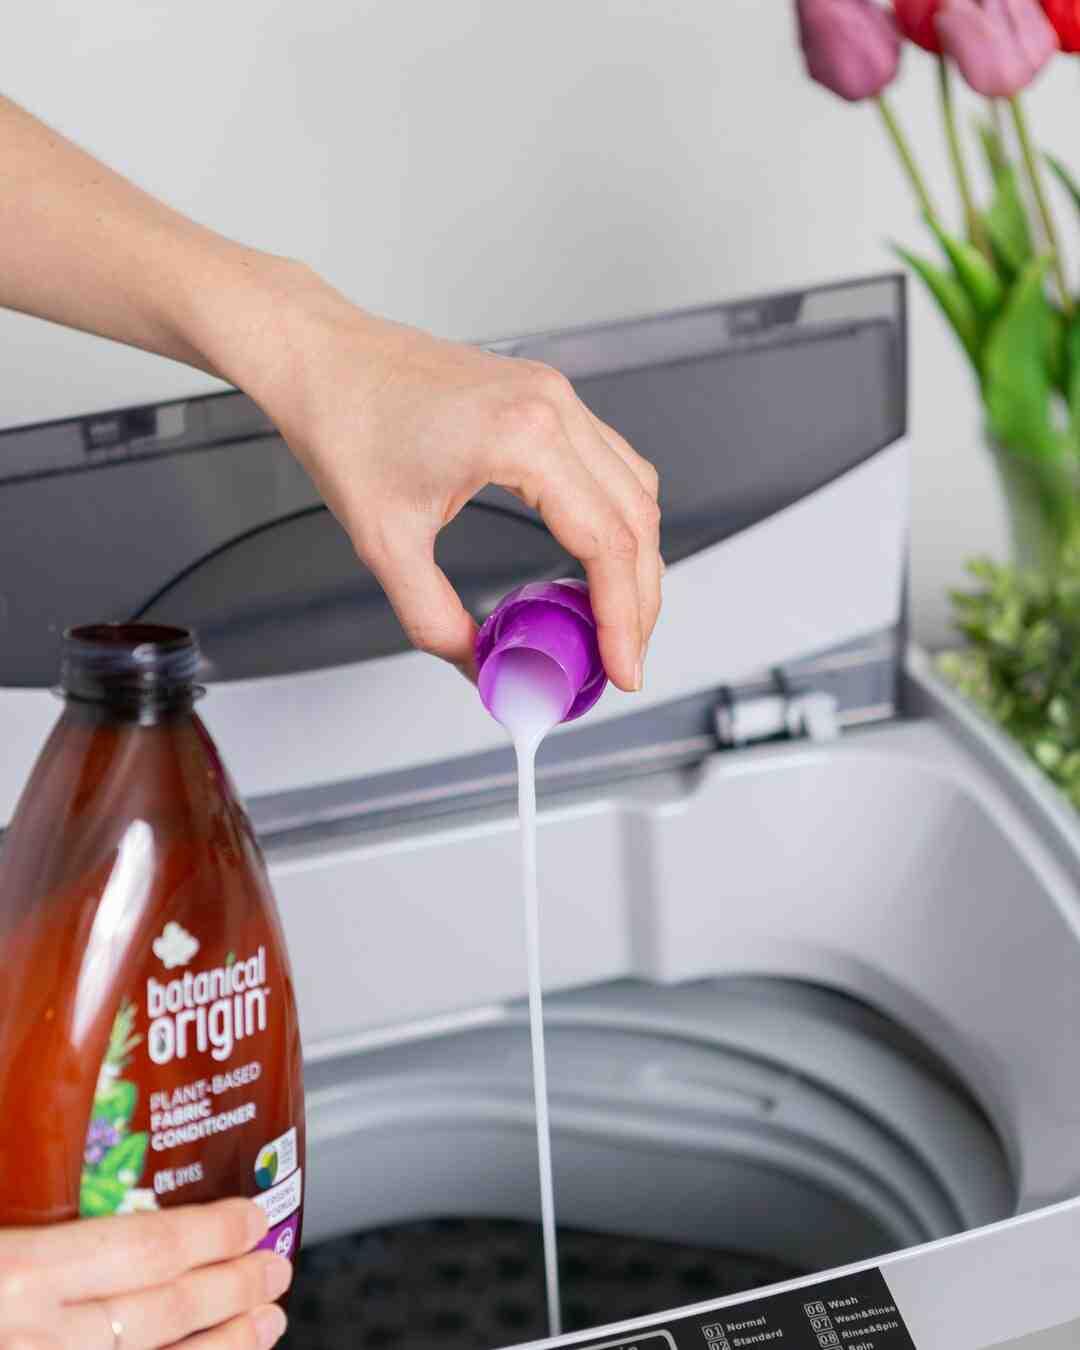 Comment enlever une tache d'encre d'un tambour de sèche linge